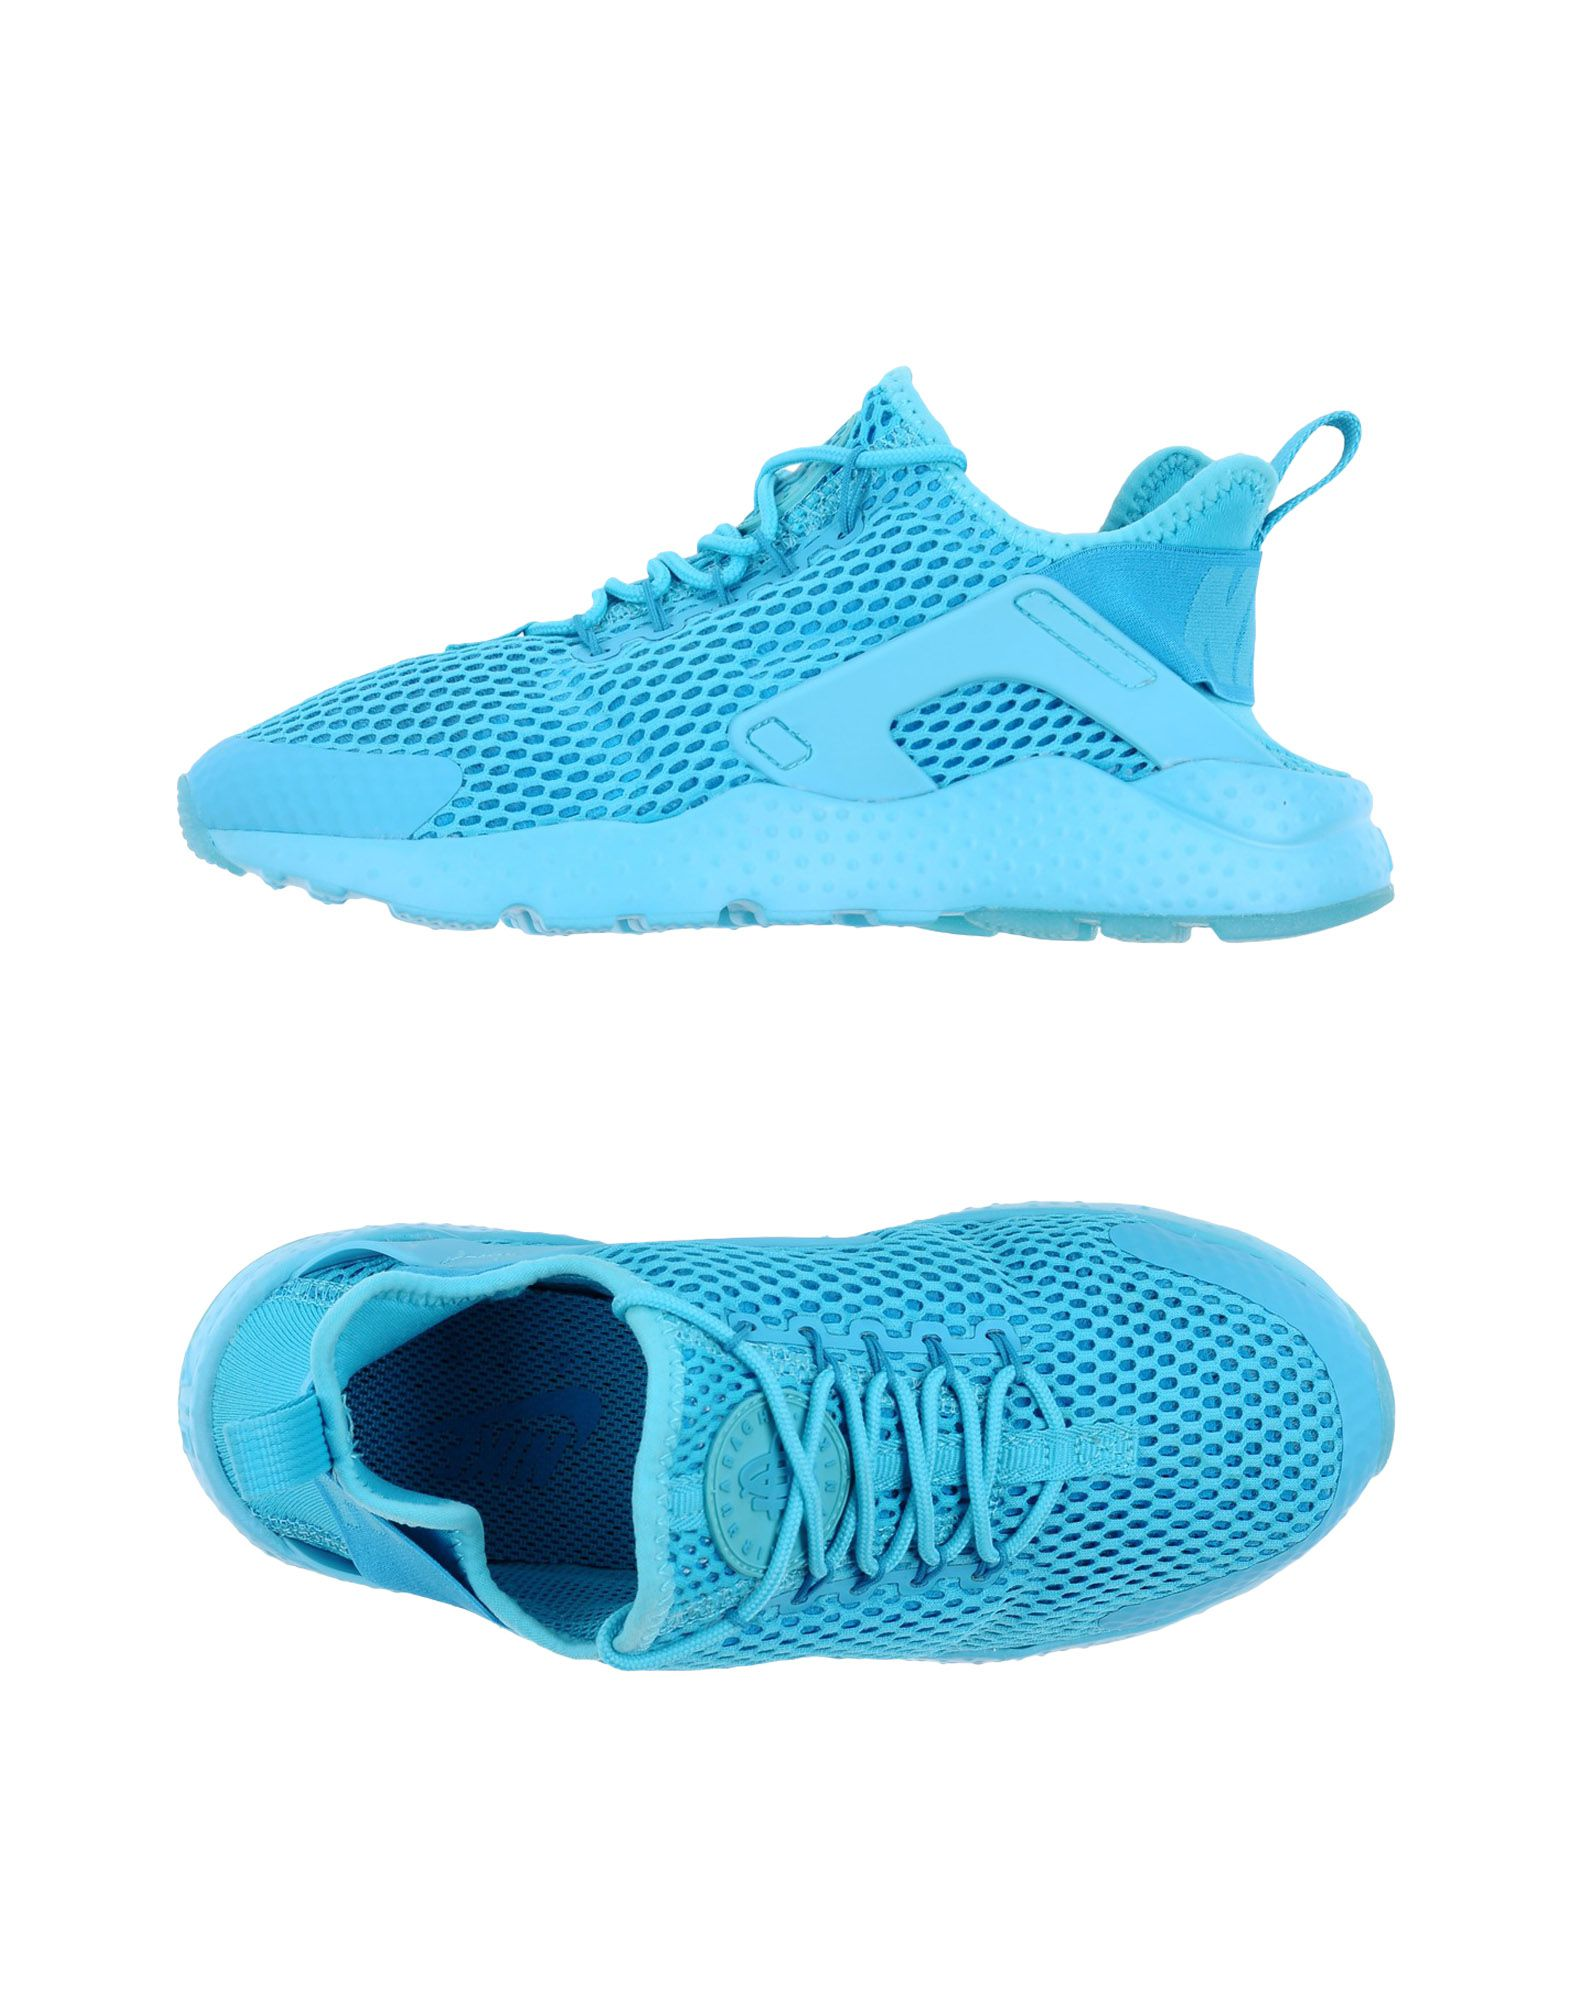 Baskets Nike Bleu Femme - Baskets Nike Bleu Nike ciel Nouvelles chaussures pour hommes et femmes, remise limitée dans le temps ad5b06